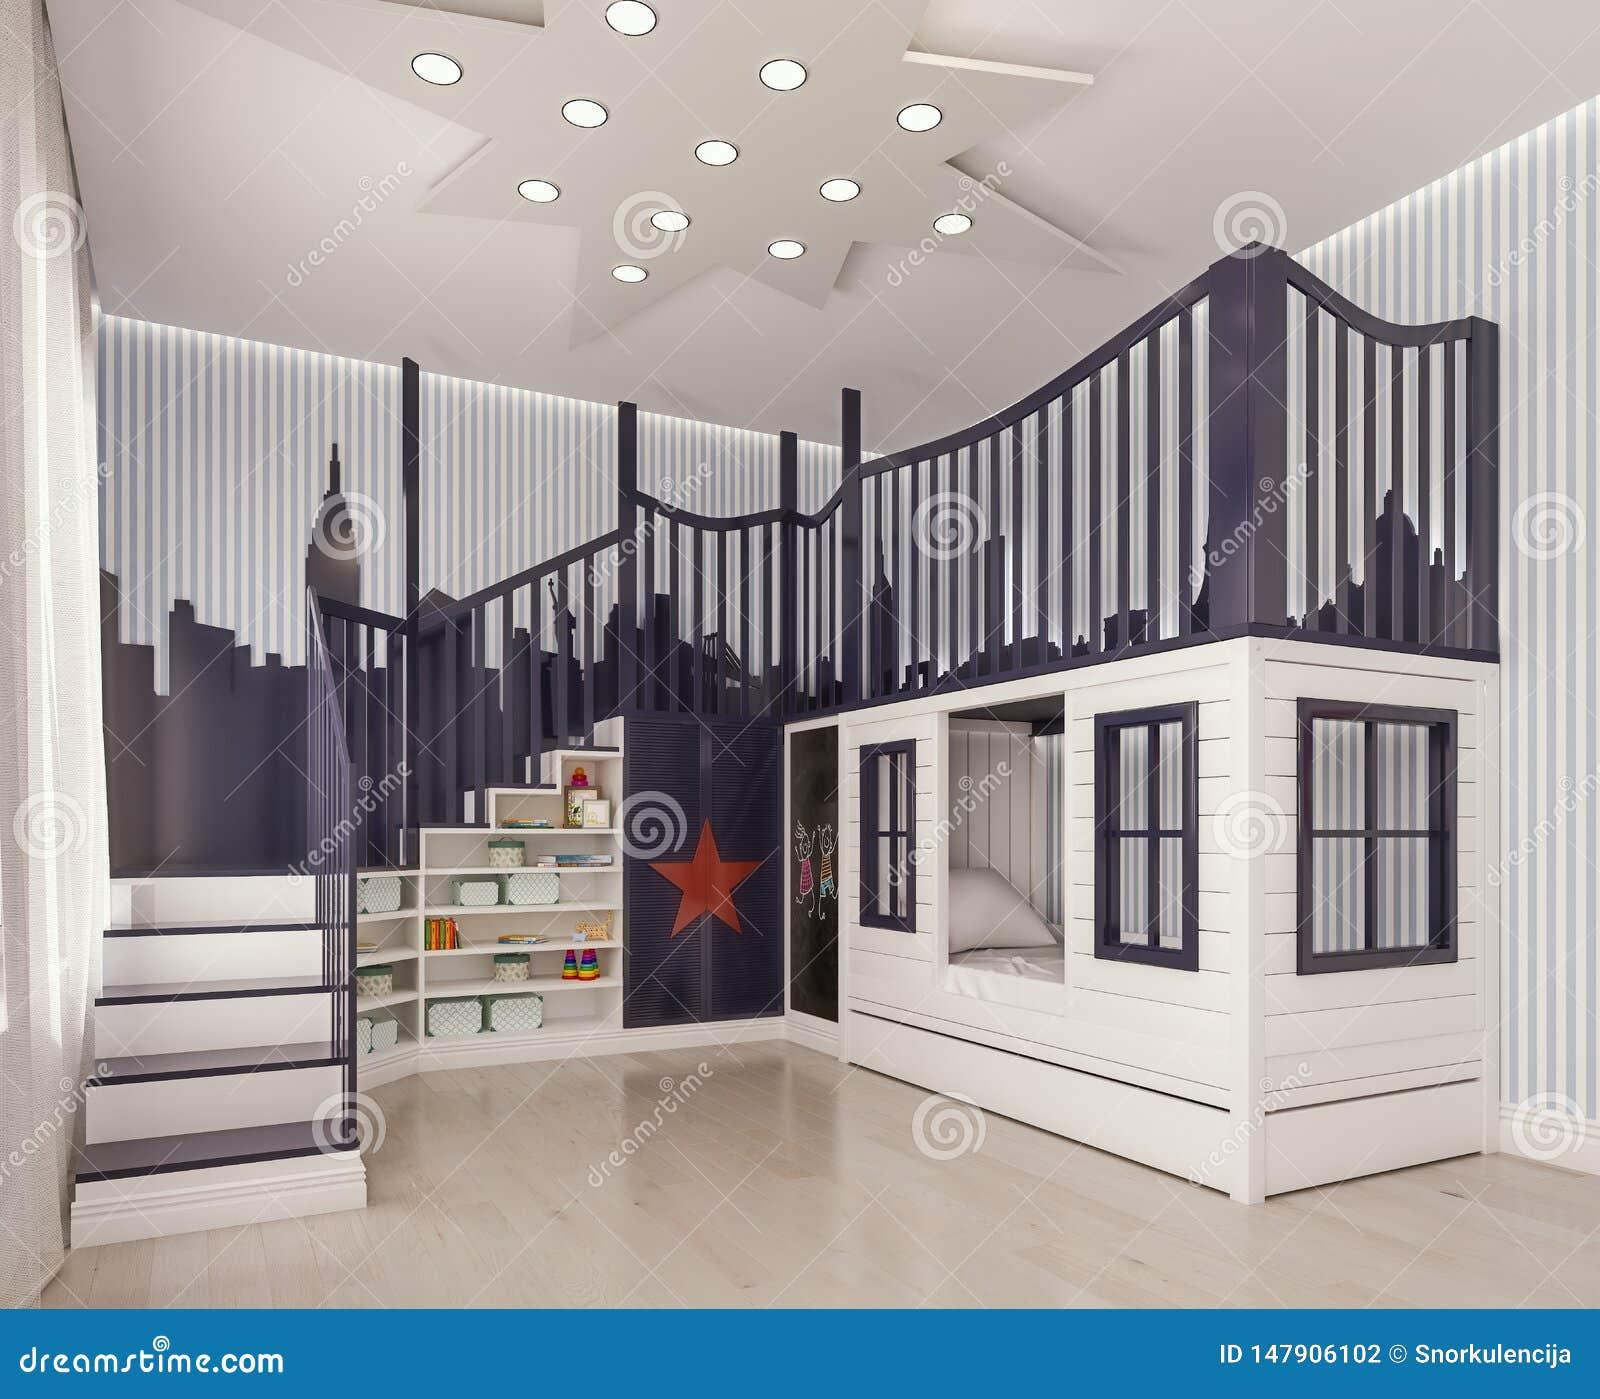 Décor Salle De Jeux chambre à coucher d'enfants de conception intérieure, pièce